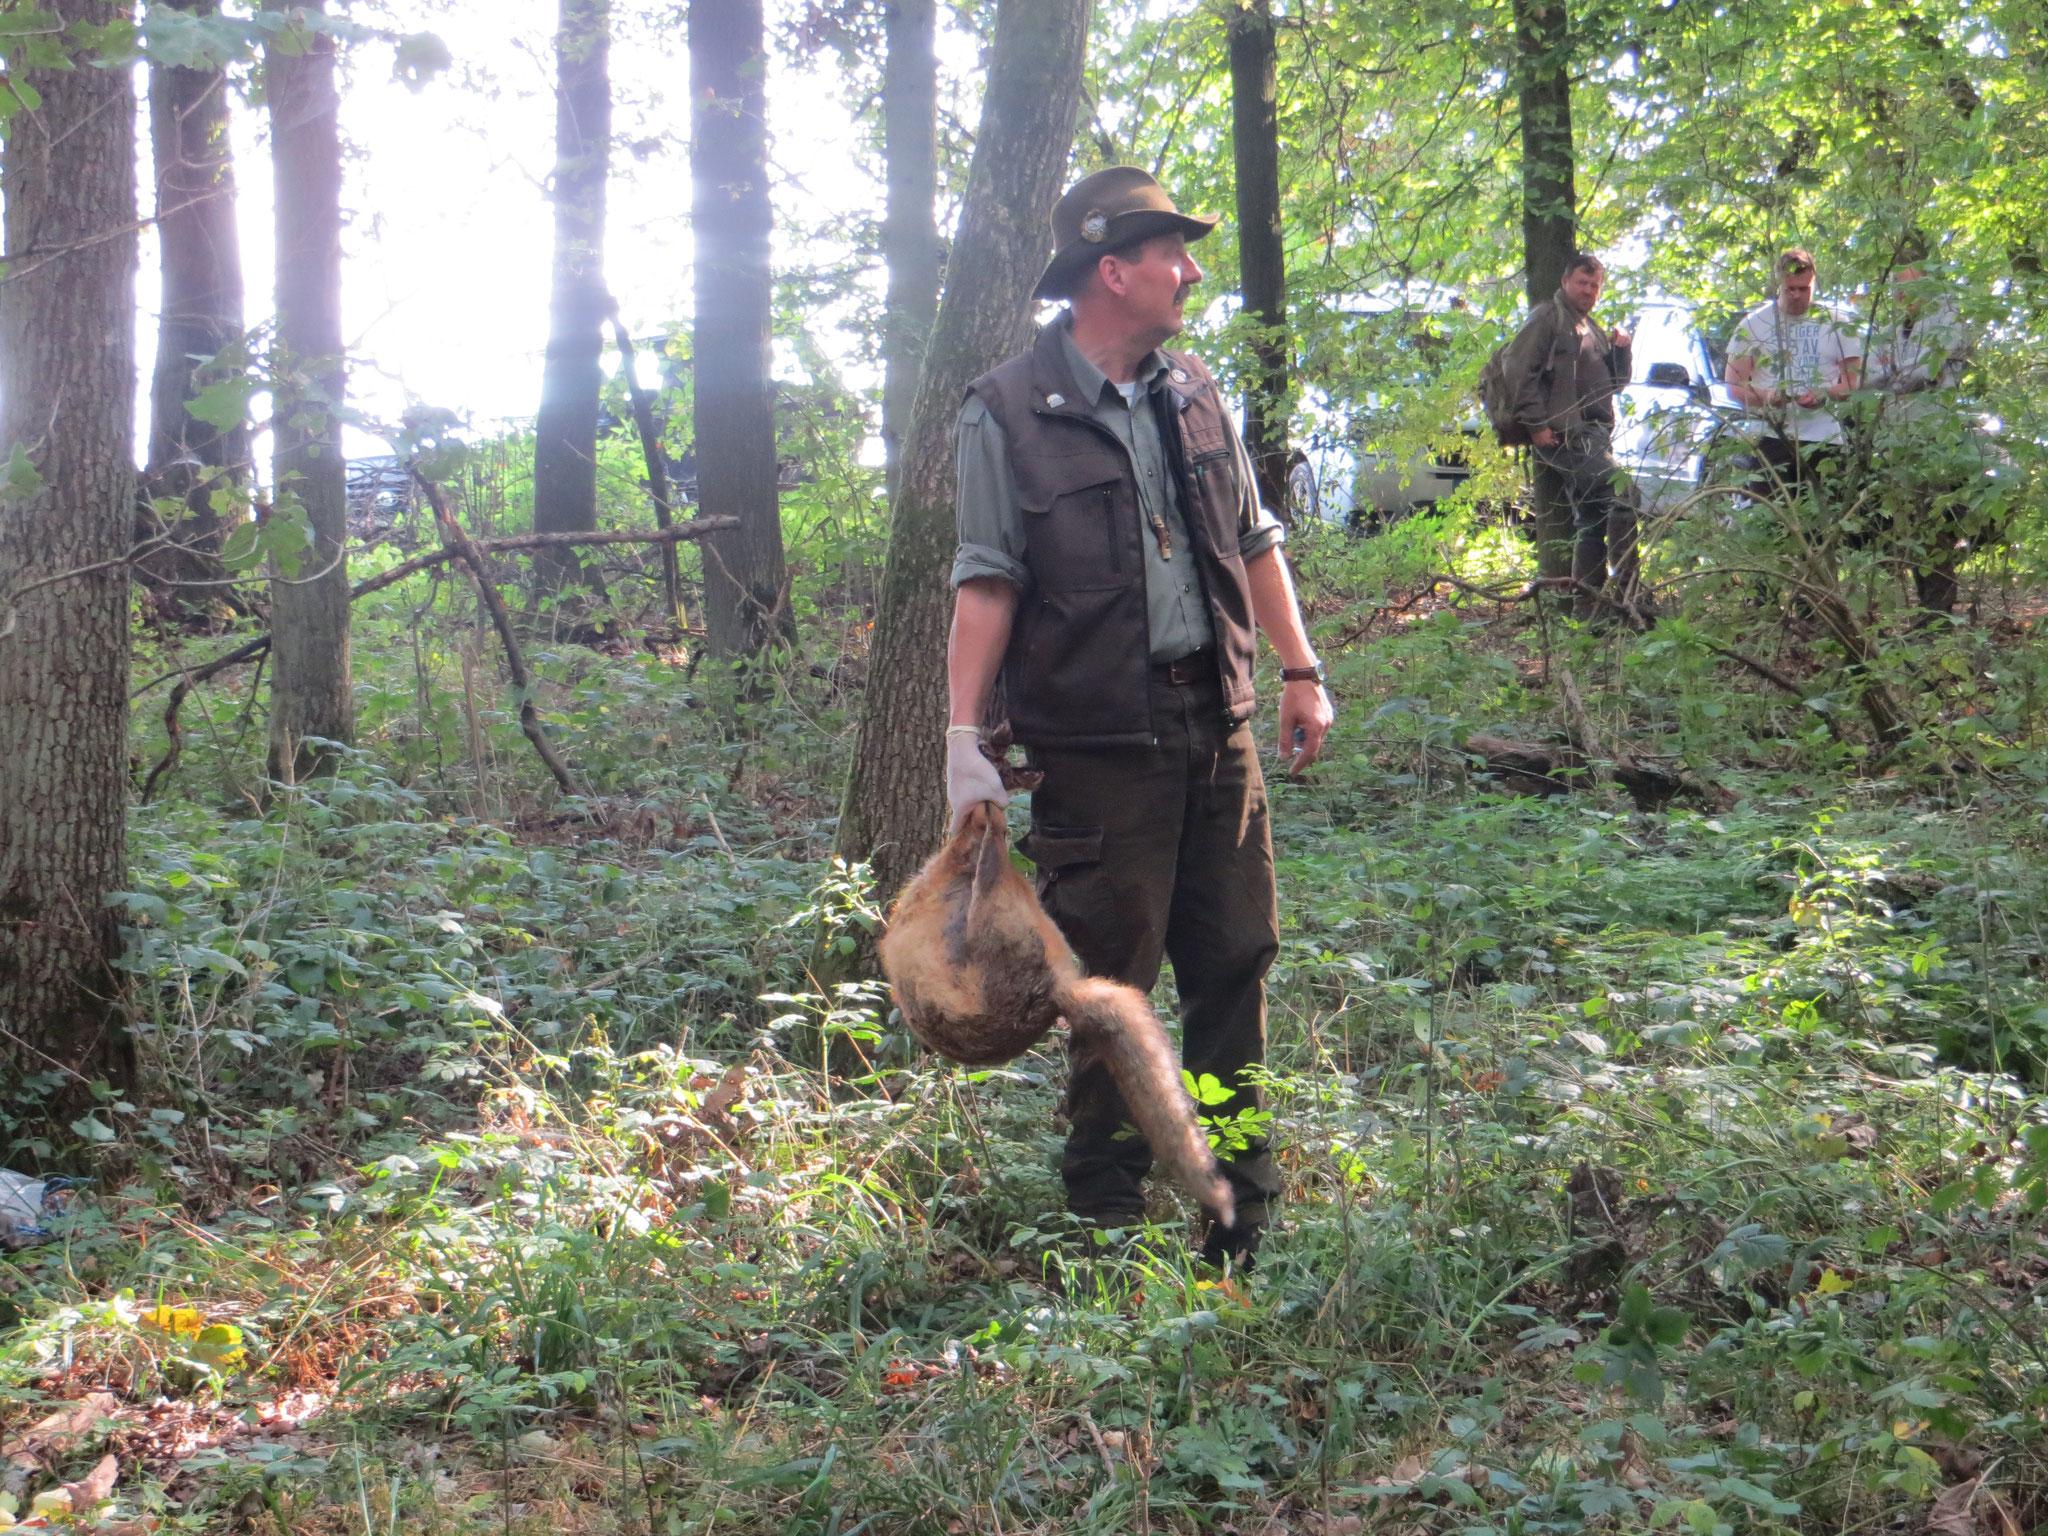 Andreas Deeg bringt den Fuchs ins Hindernis.